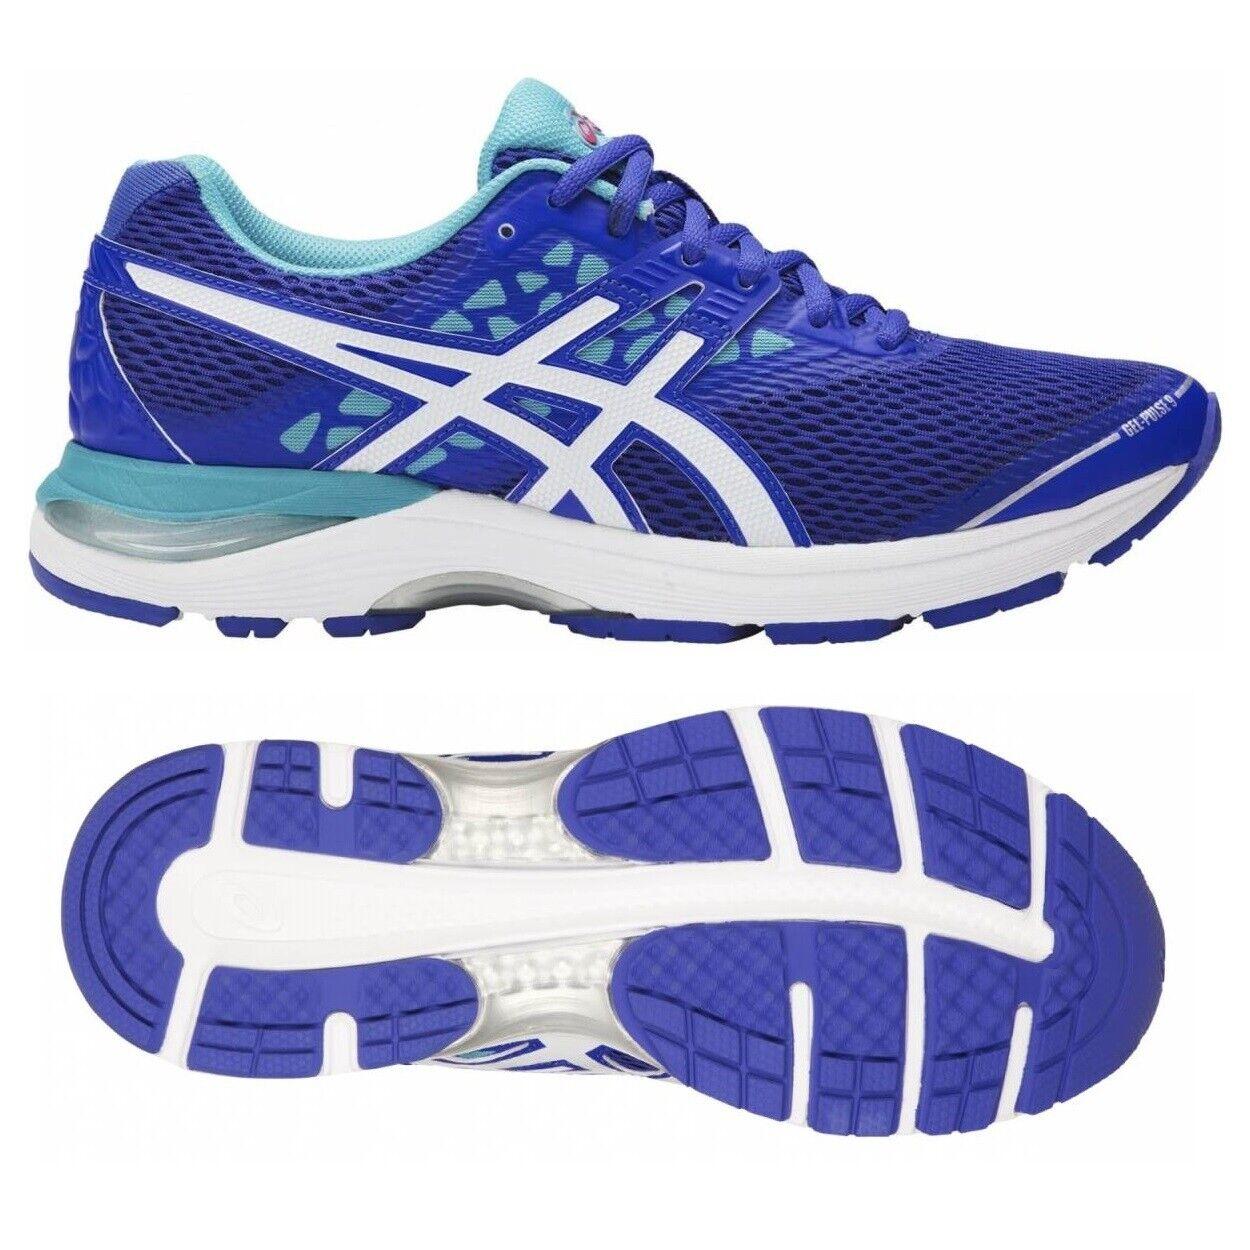 Asics Damen neutral Laufschuh Fitness Schuhe Sport Running